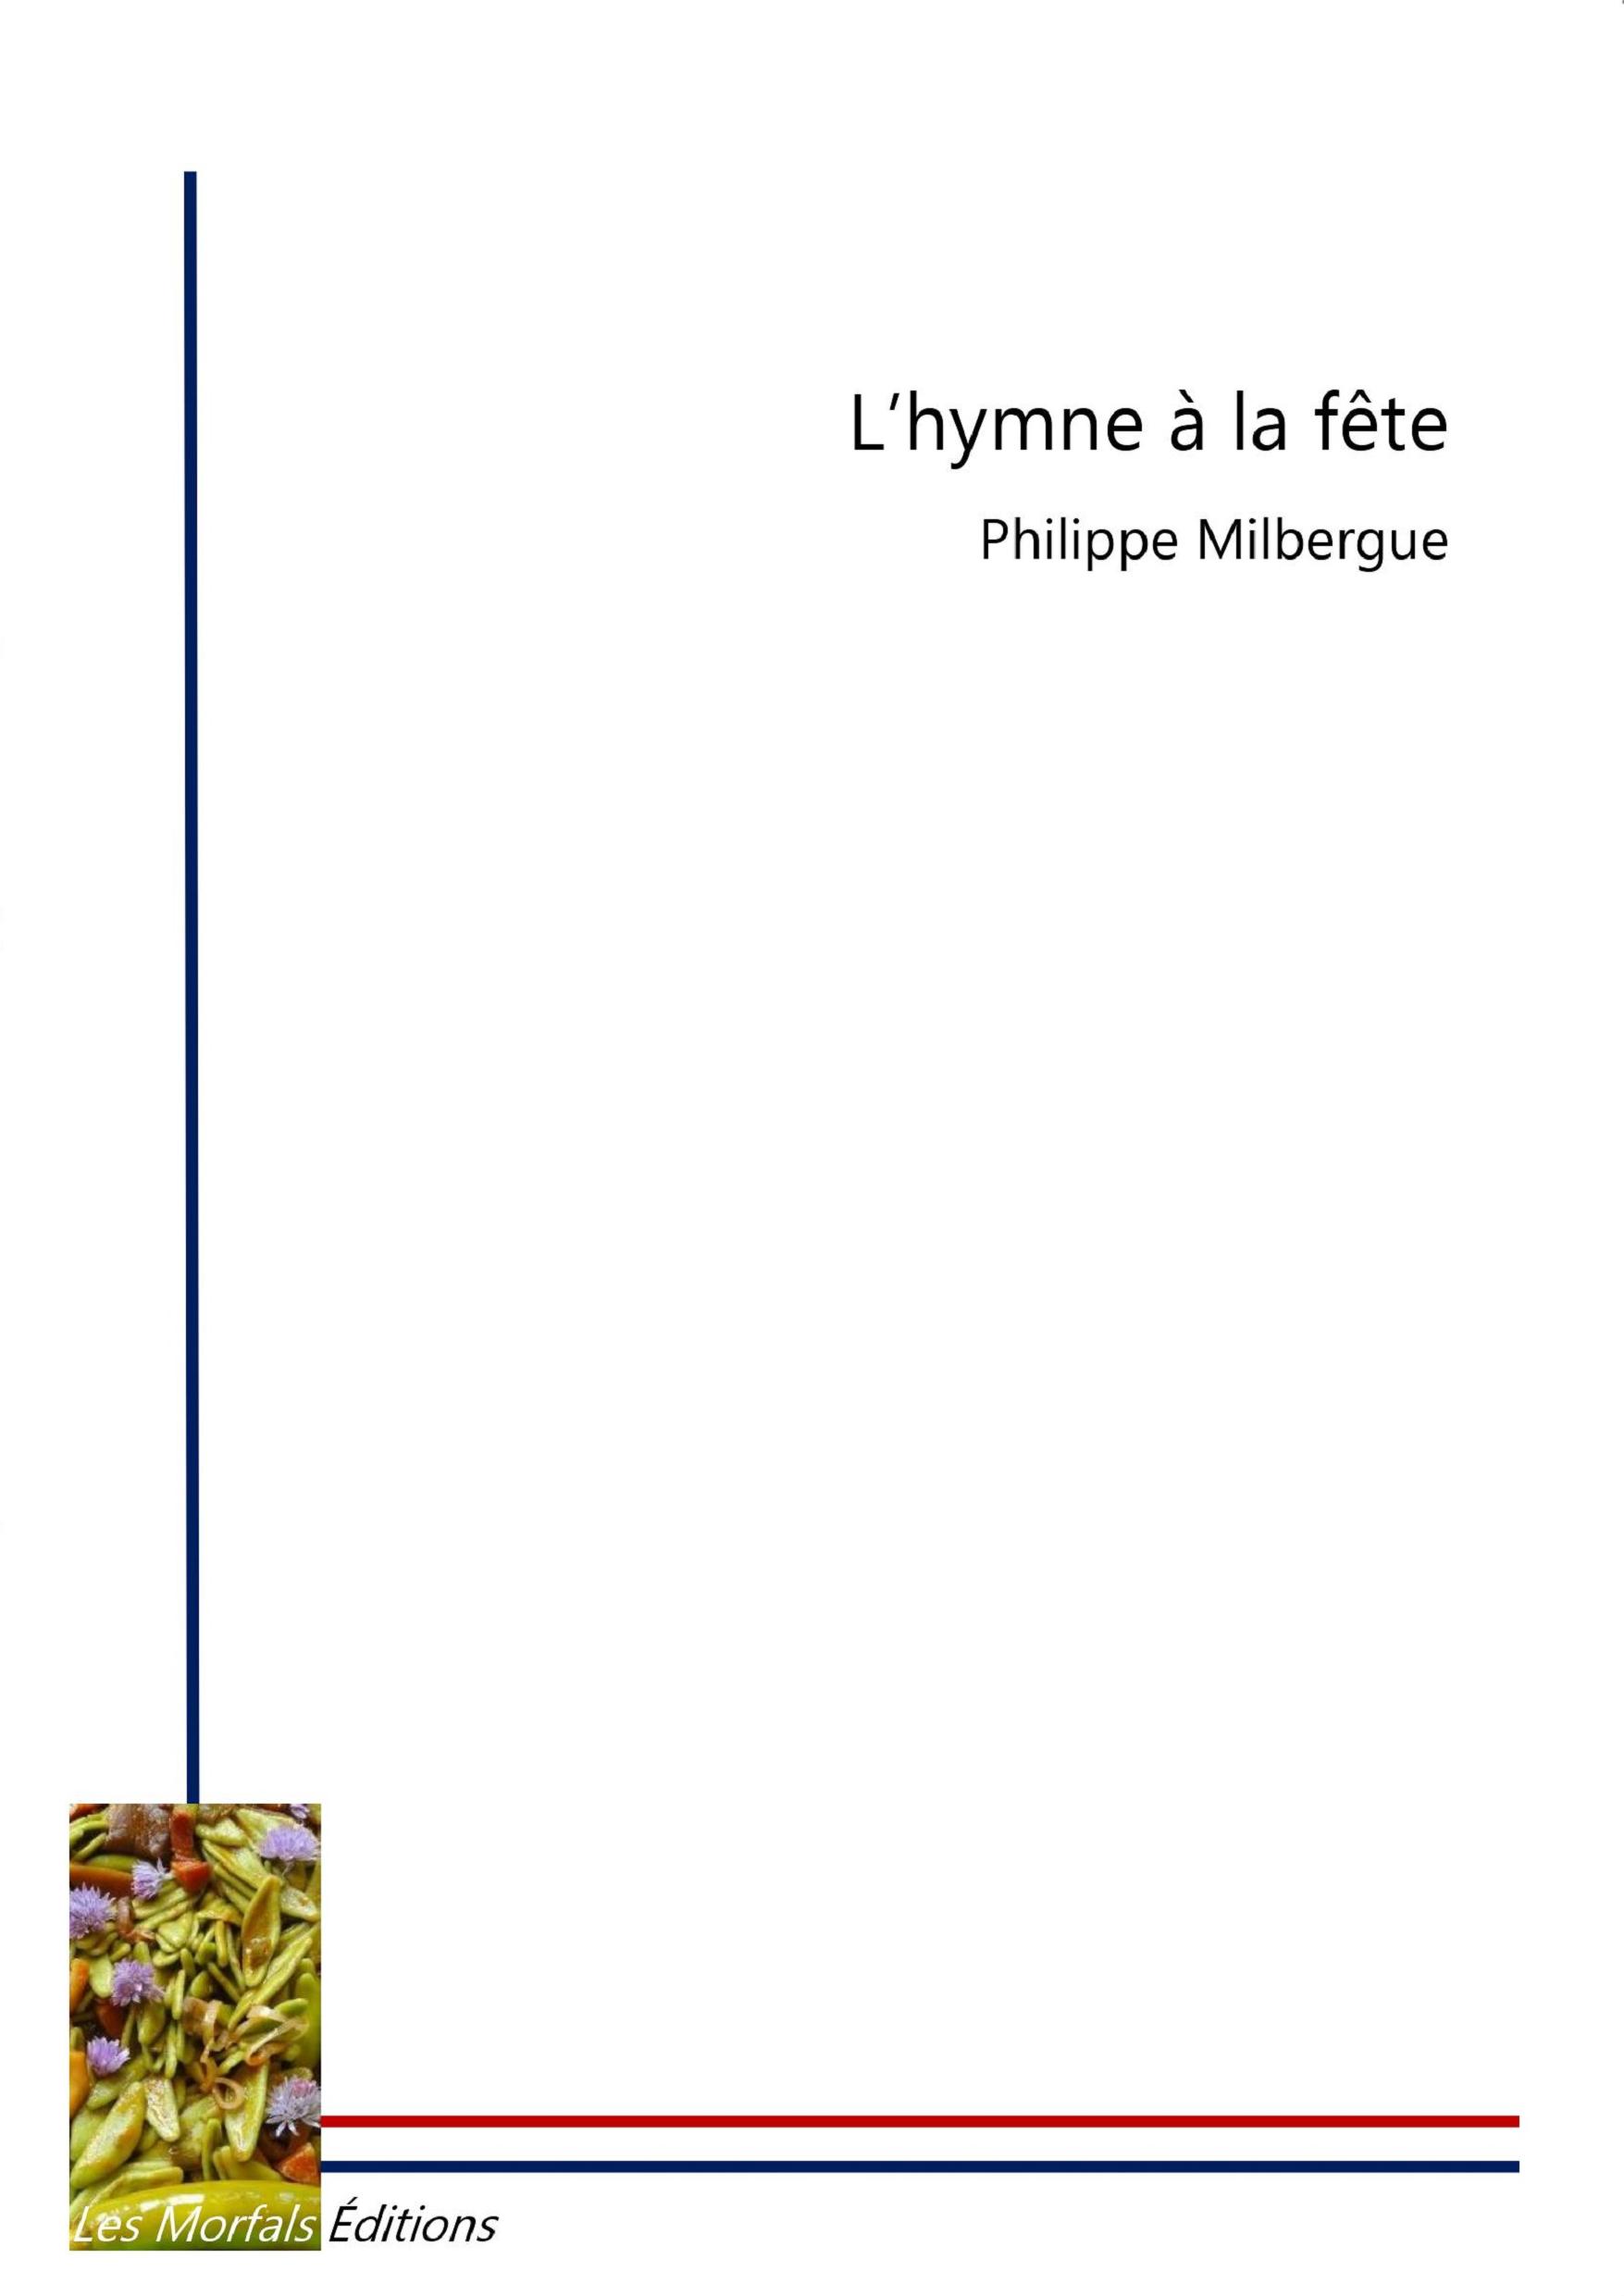 L'hymne à la fête